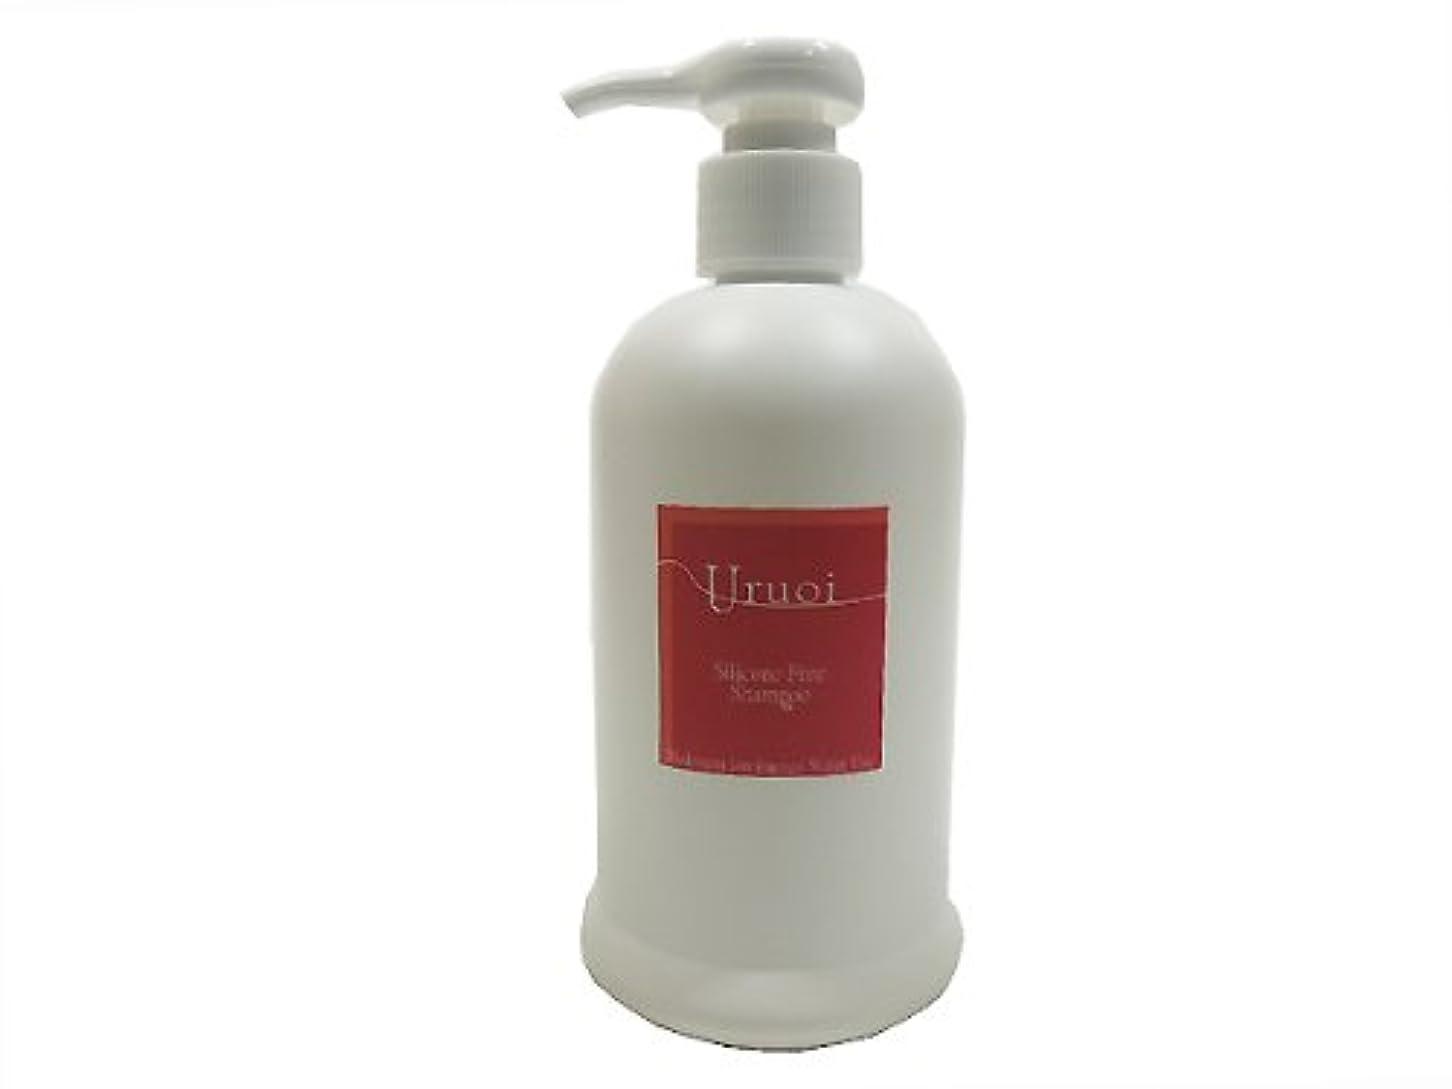 ストレンジャー外出懐疑論水素イオン発生エネルギー水 うるおいシャンプー ノンシリコン Silicone Free Uruoi Shampoo